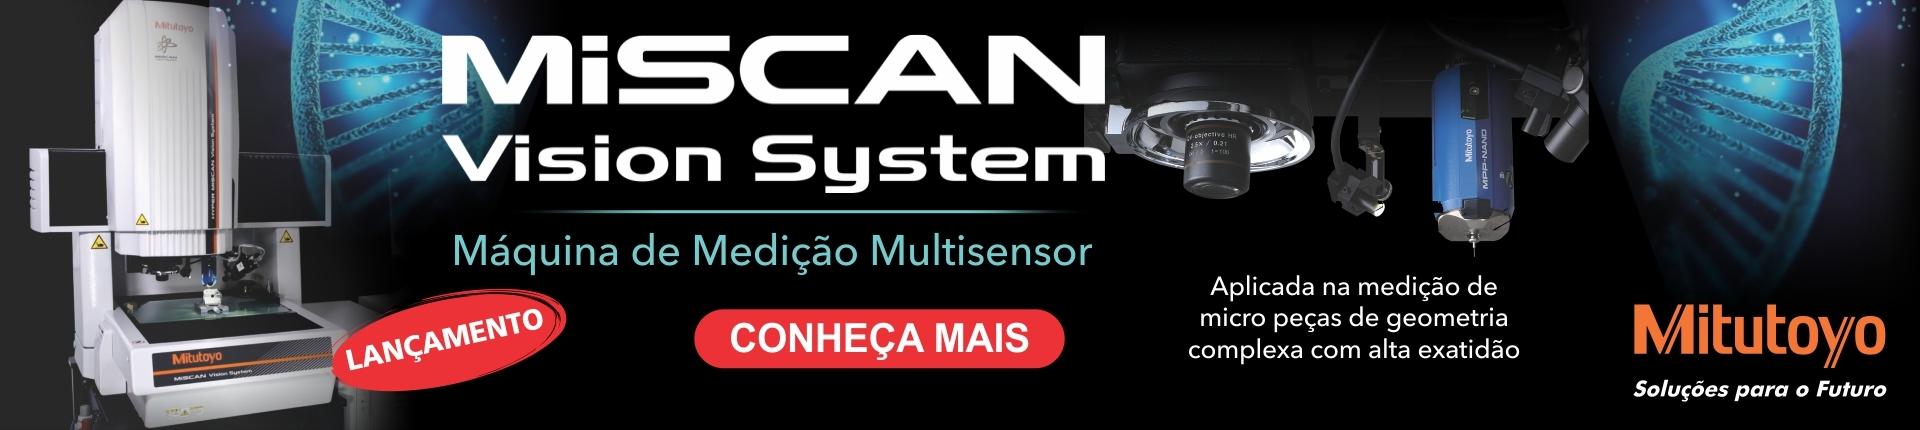 MiSCAN